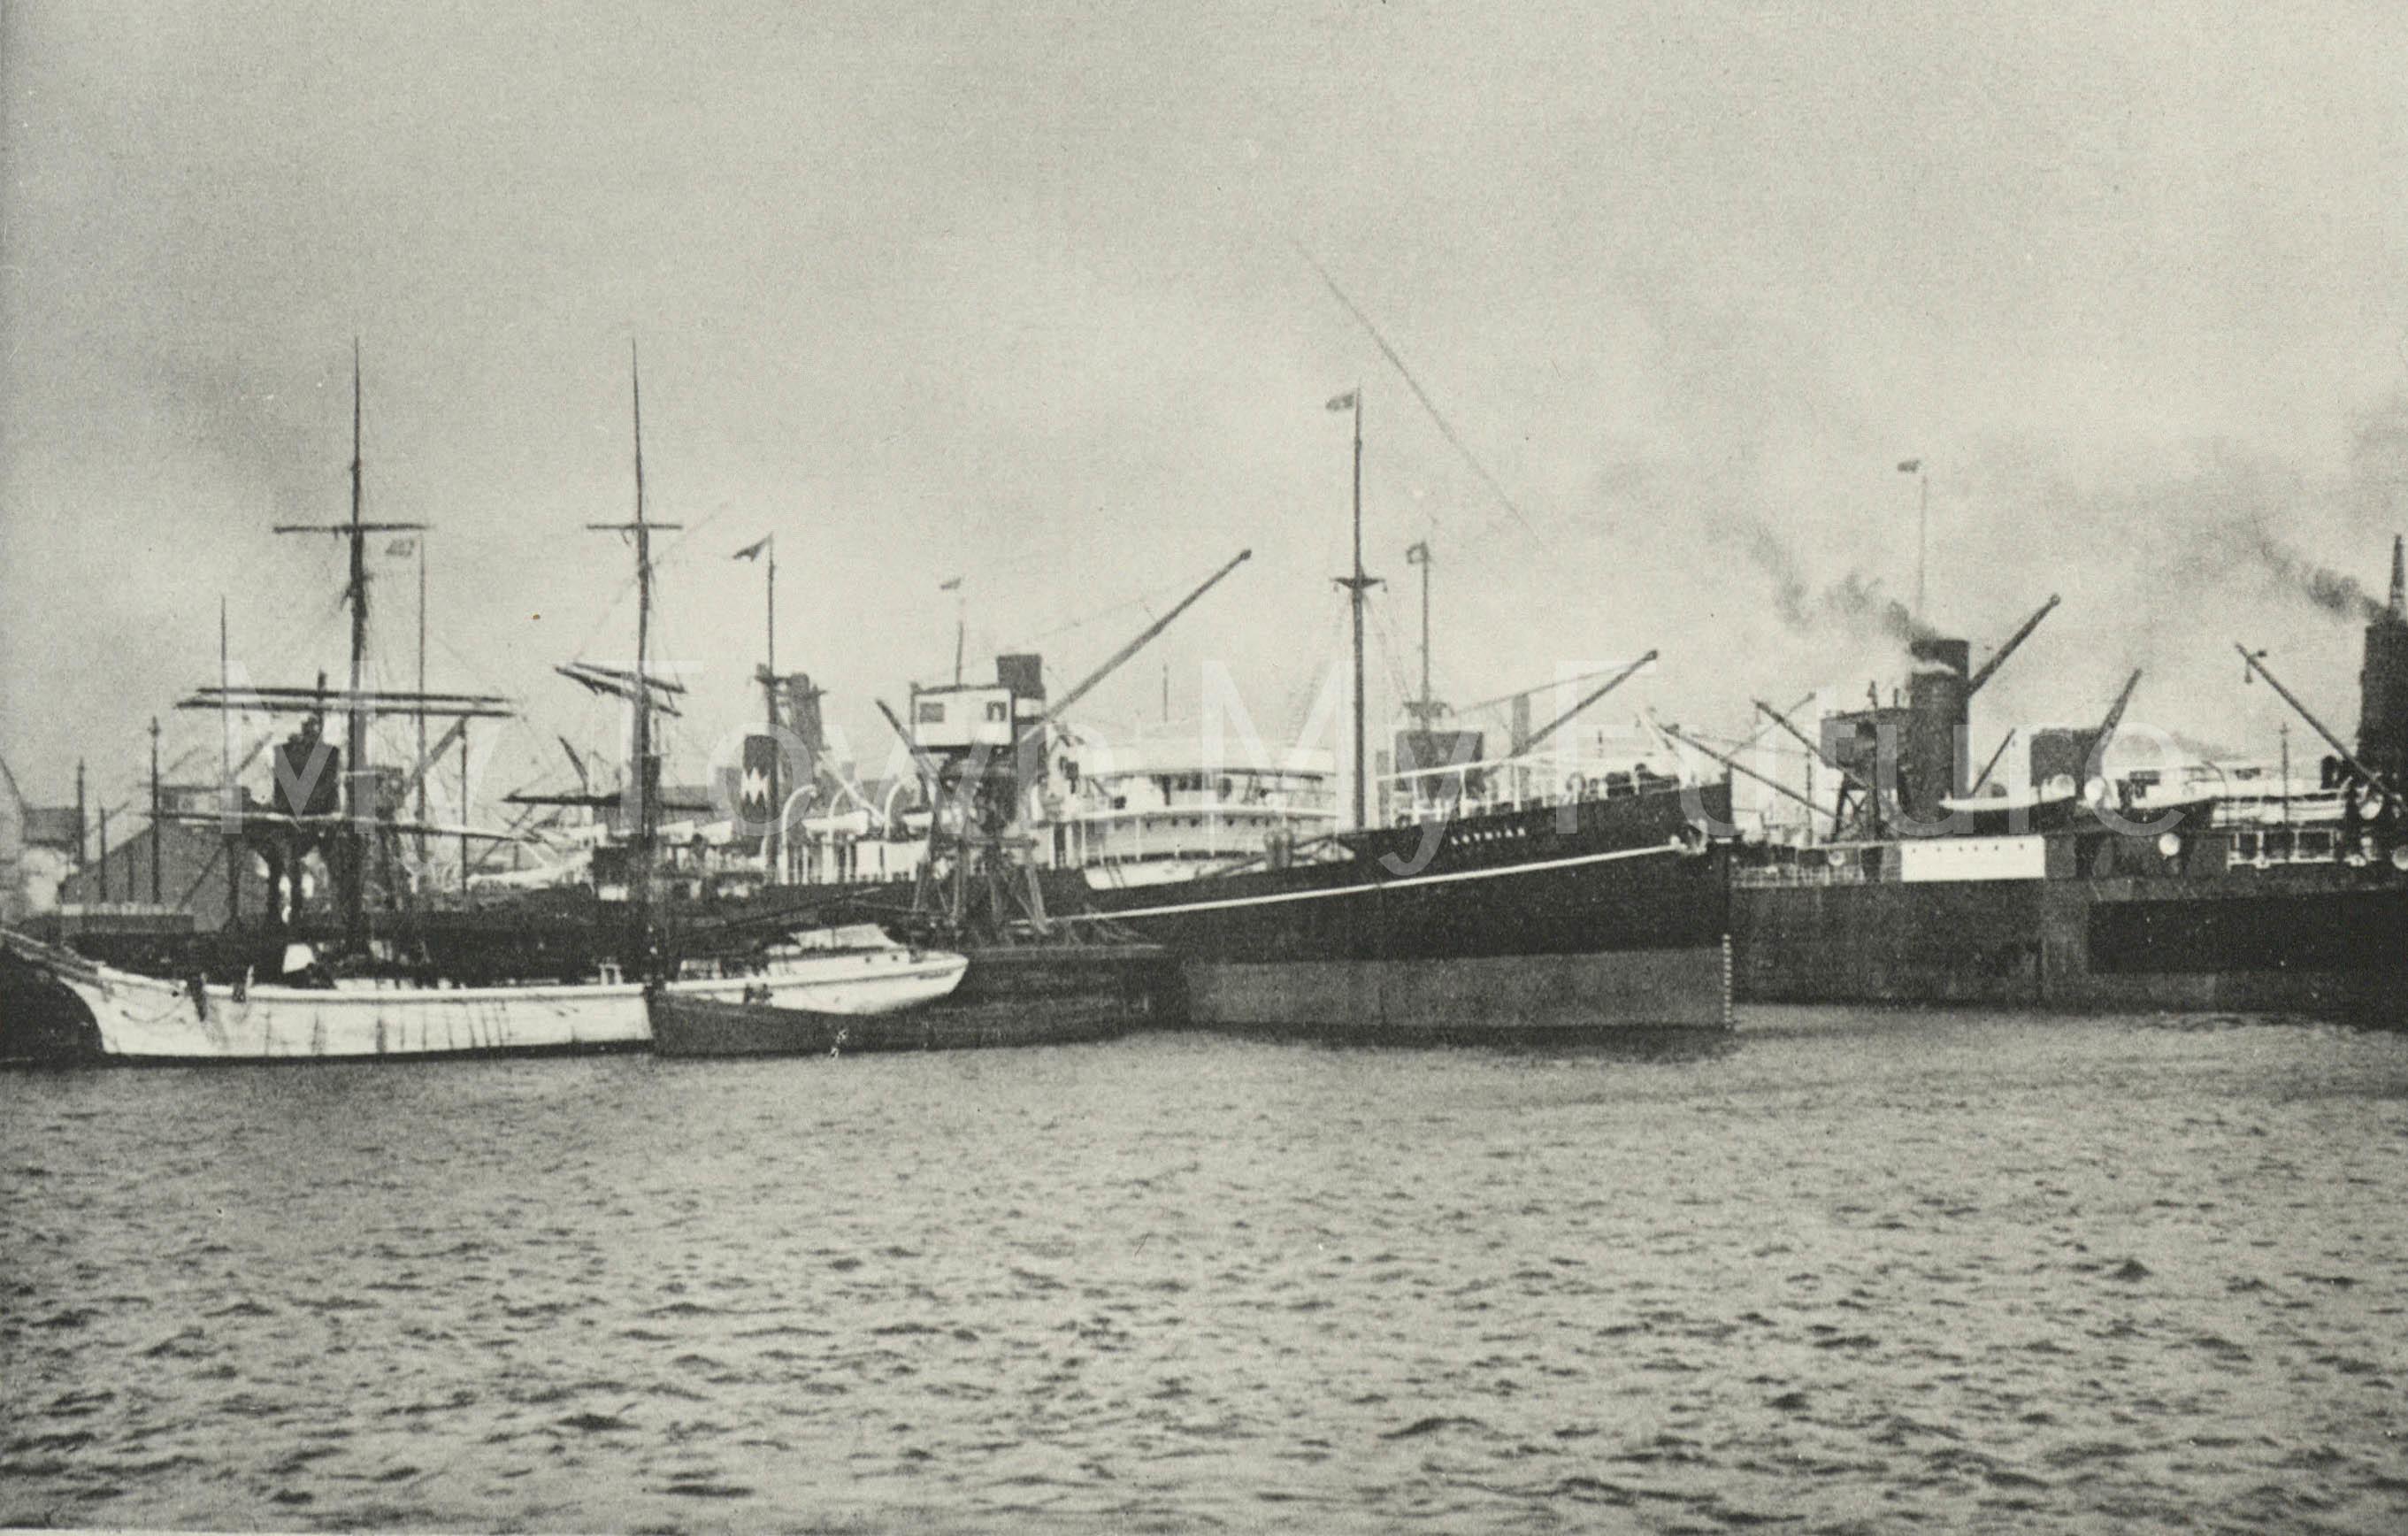 Middlesbrough Docks 1926